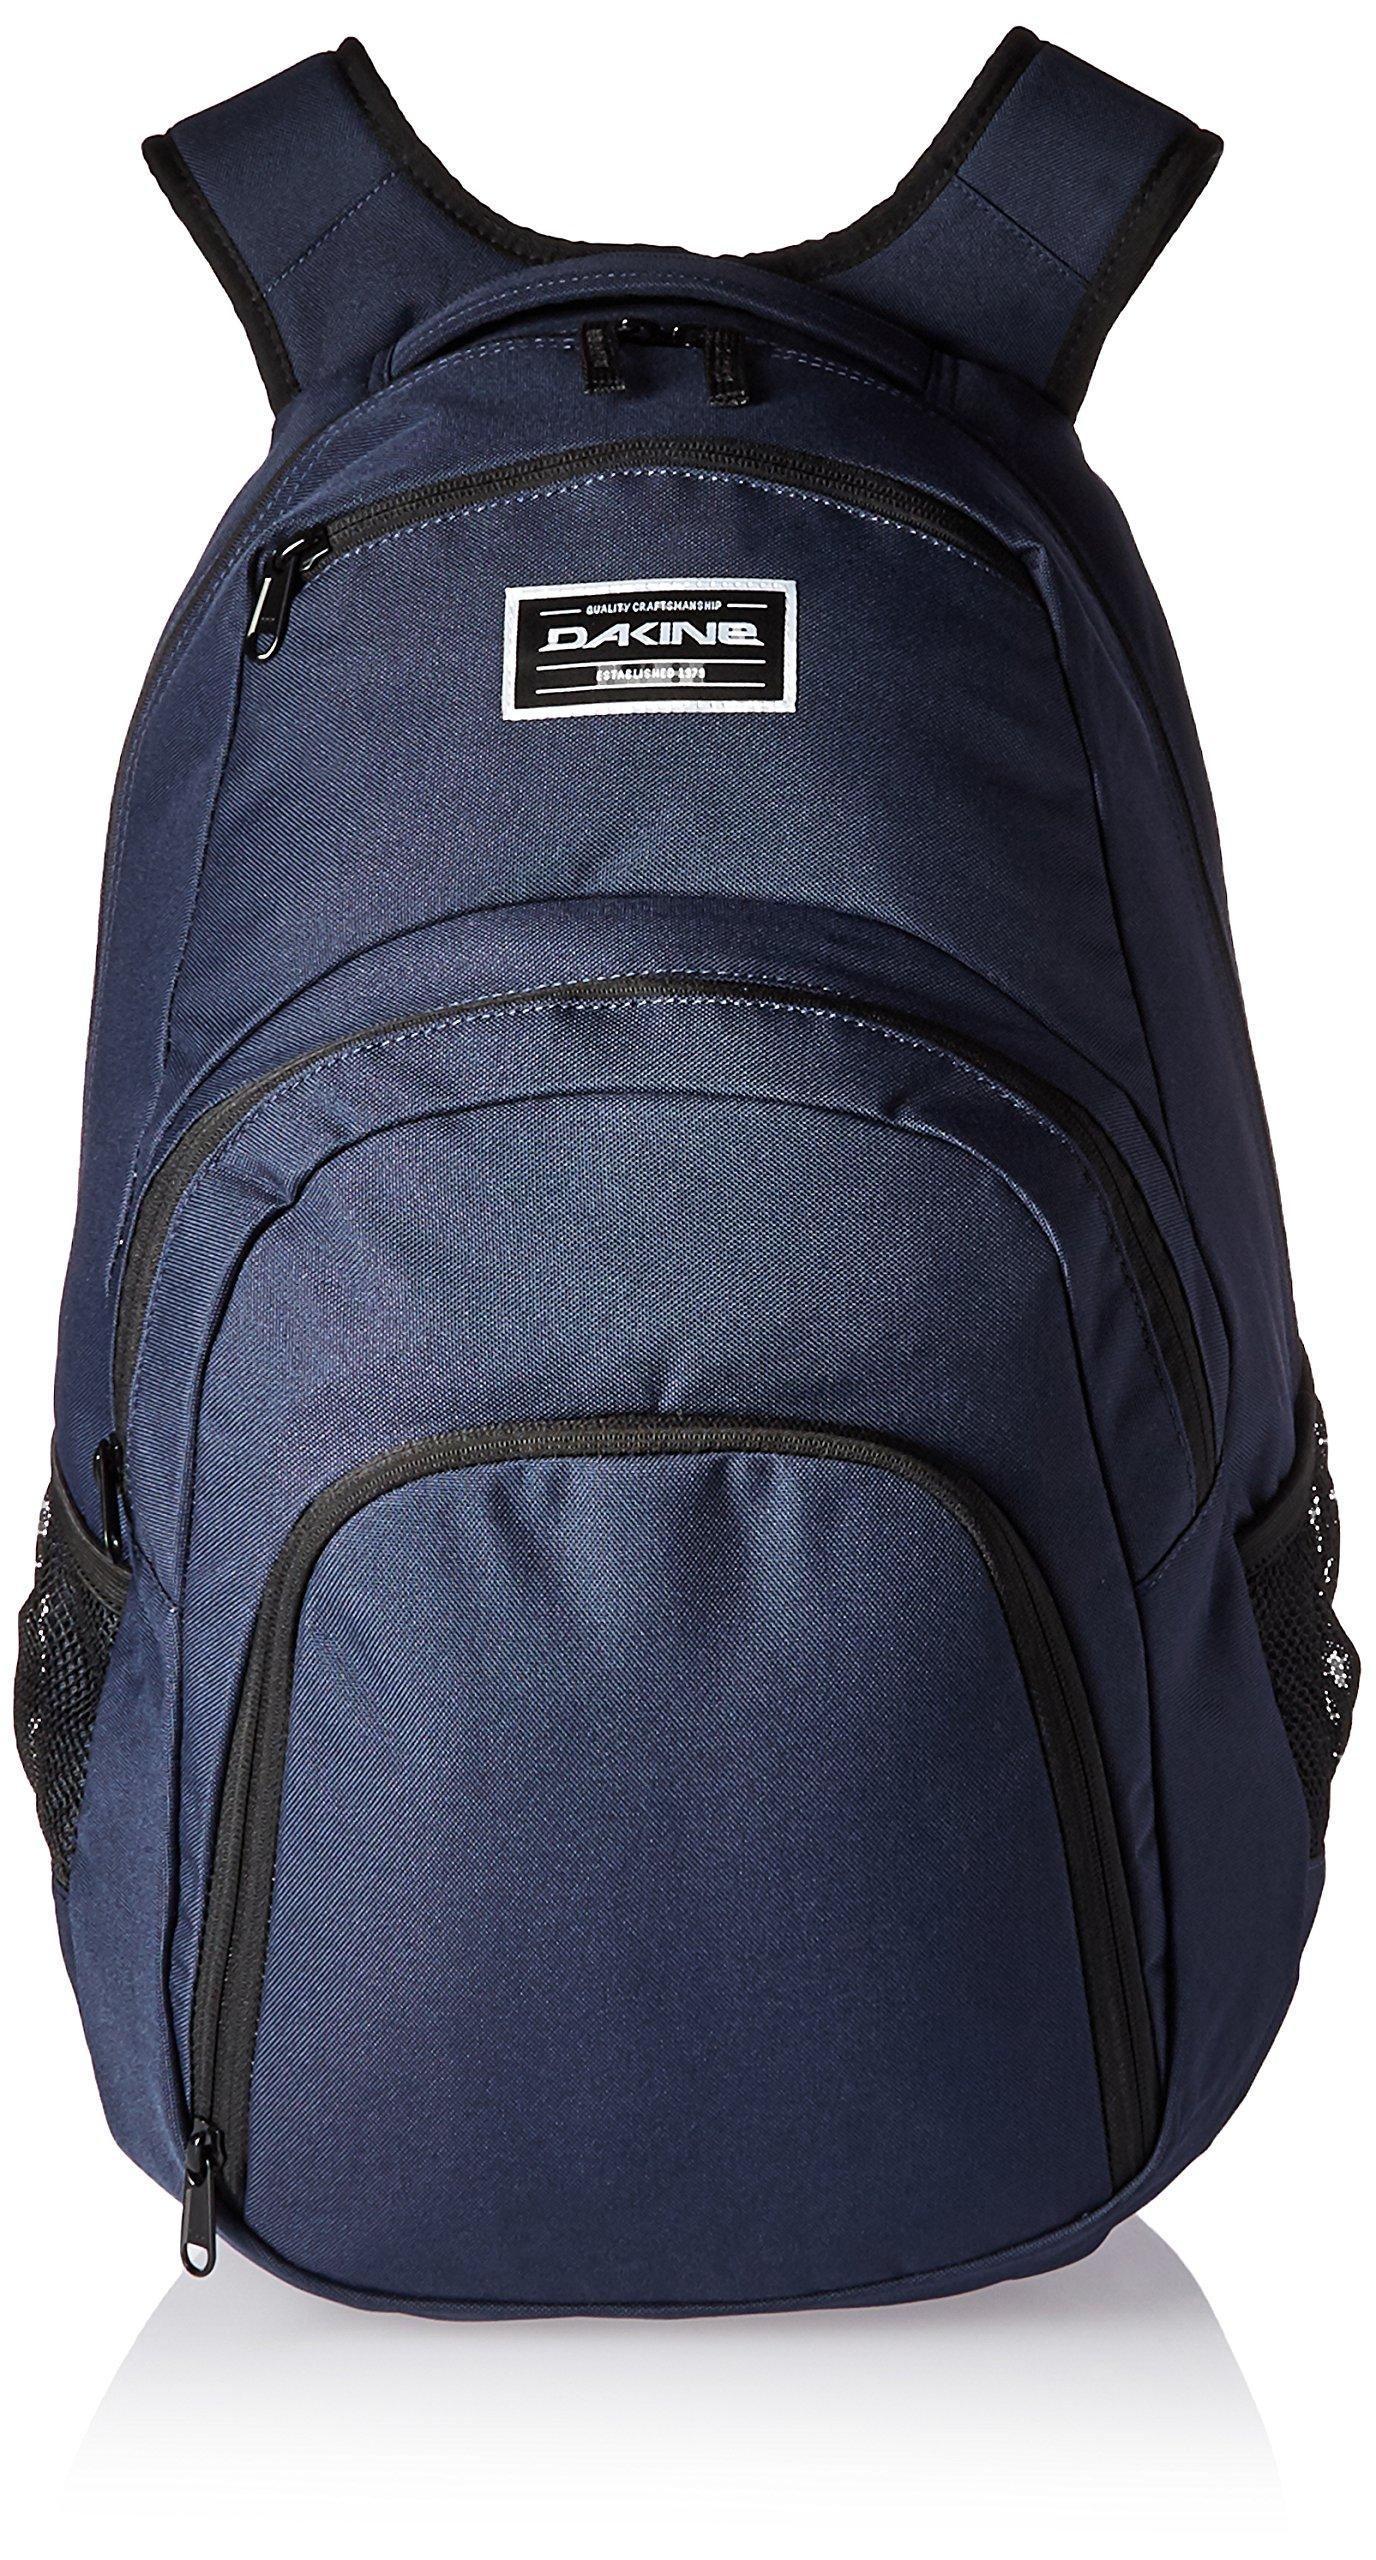 Dakine Campus 25L LIfestyle Backpack, One Size, Dark Navy